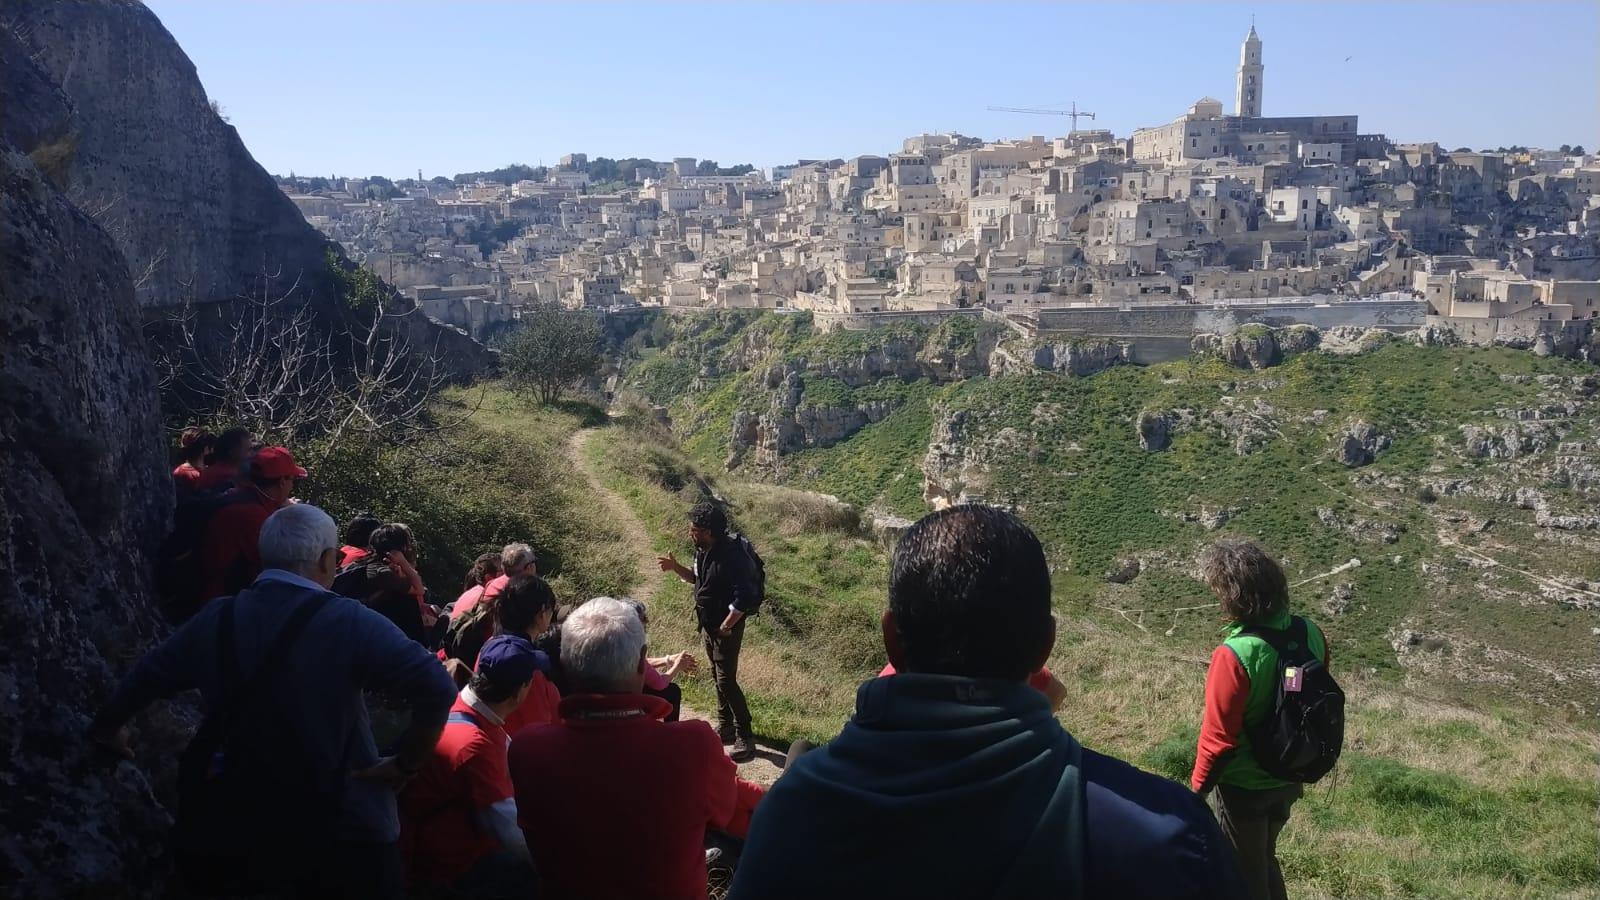 La tua guida escursionistica per indimenticabili Escursioni e Trekking a Matera.